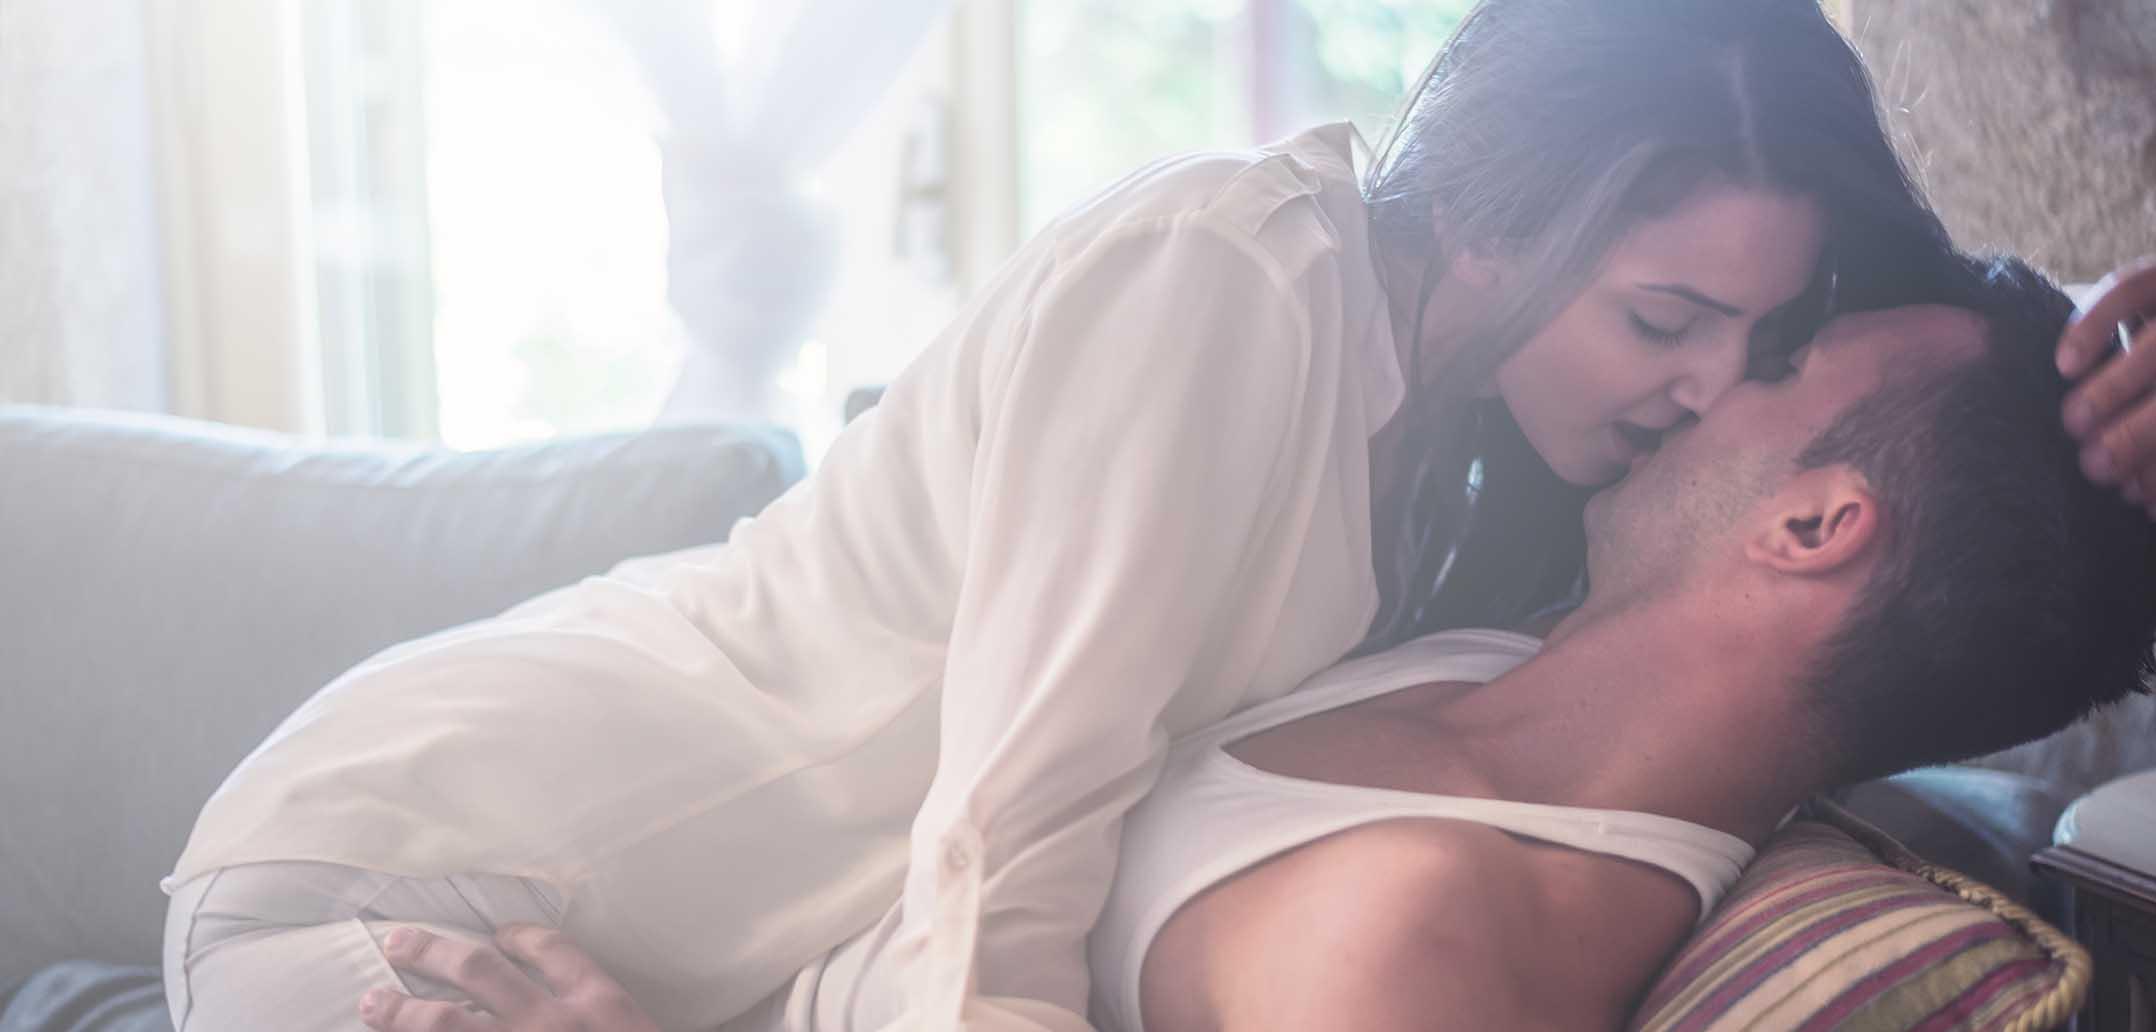 Sexuelle Erfüllung in monogamer Beziehung